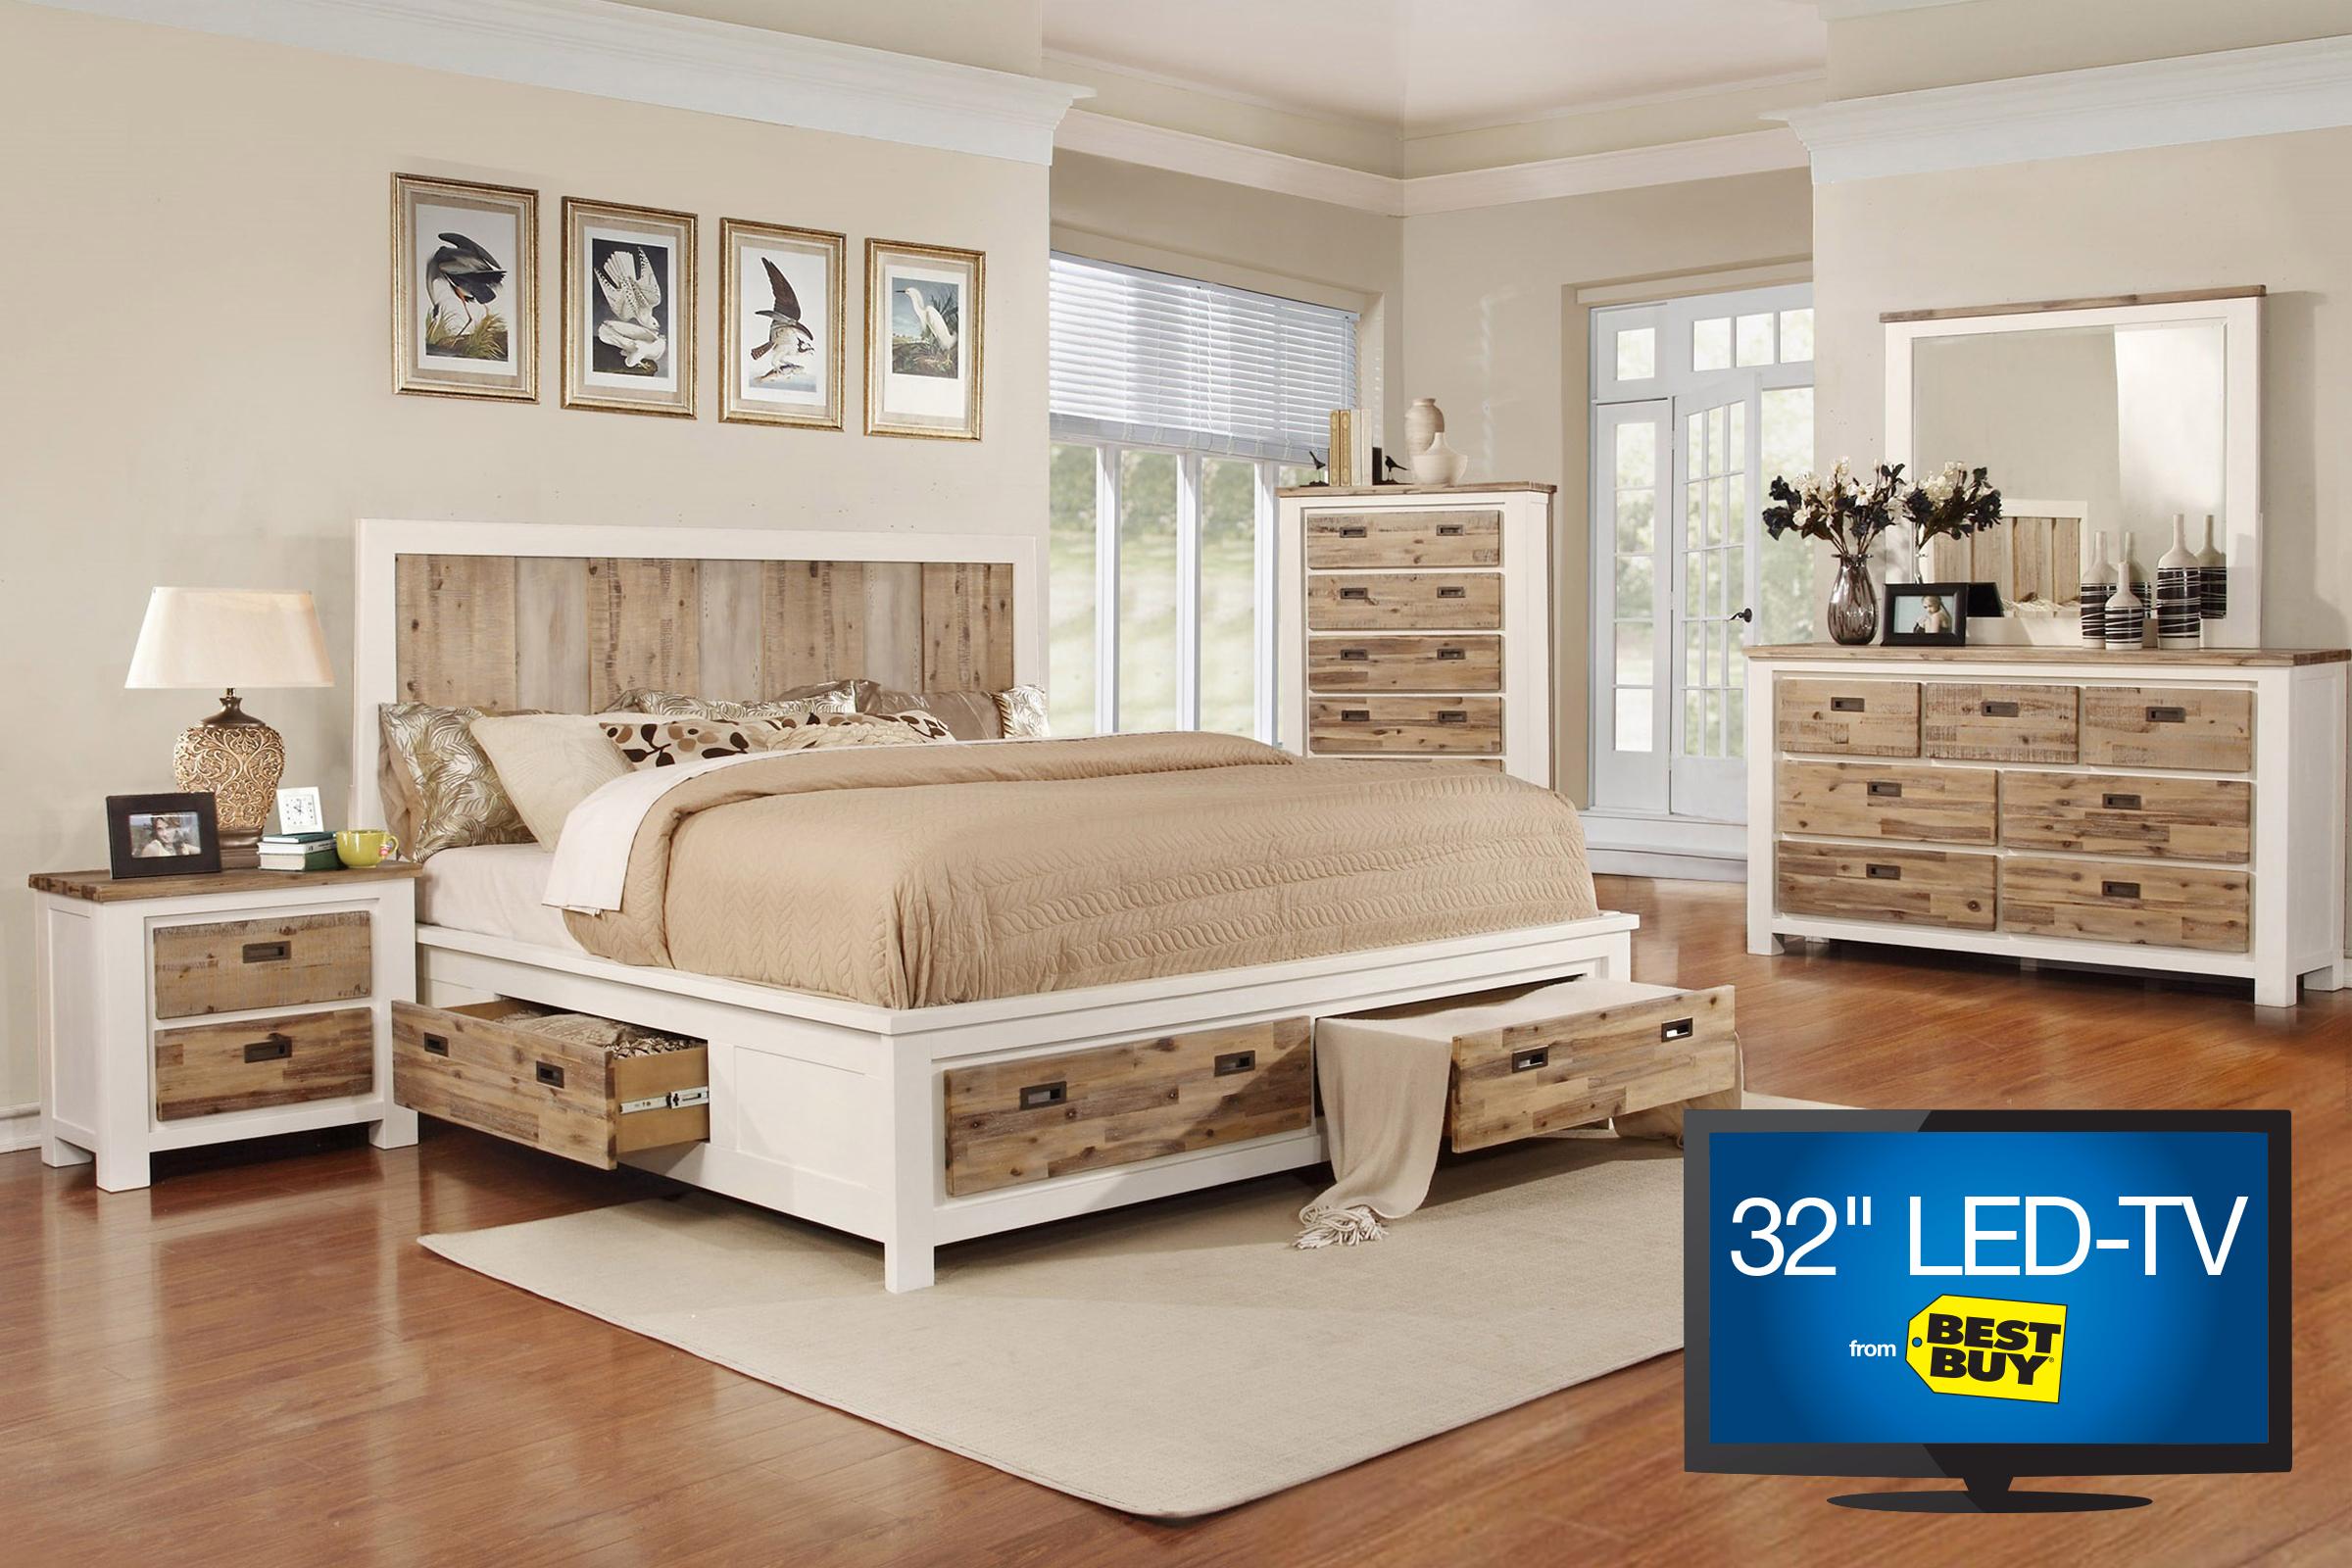 Queen Size Bedroom Set gallery. Queen Size Bedroom Set gallery   A1houston com